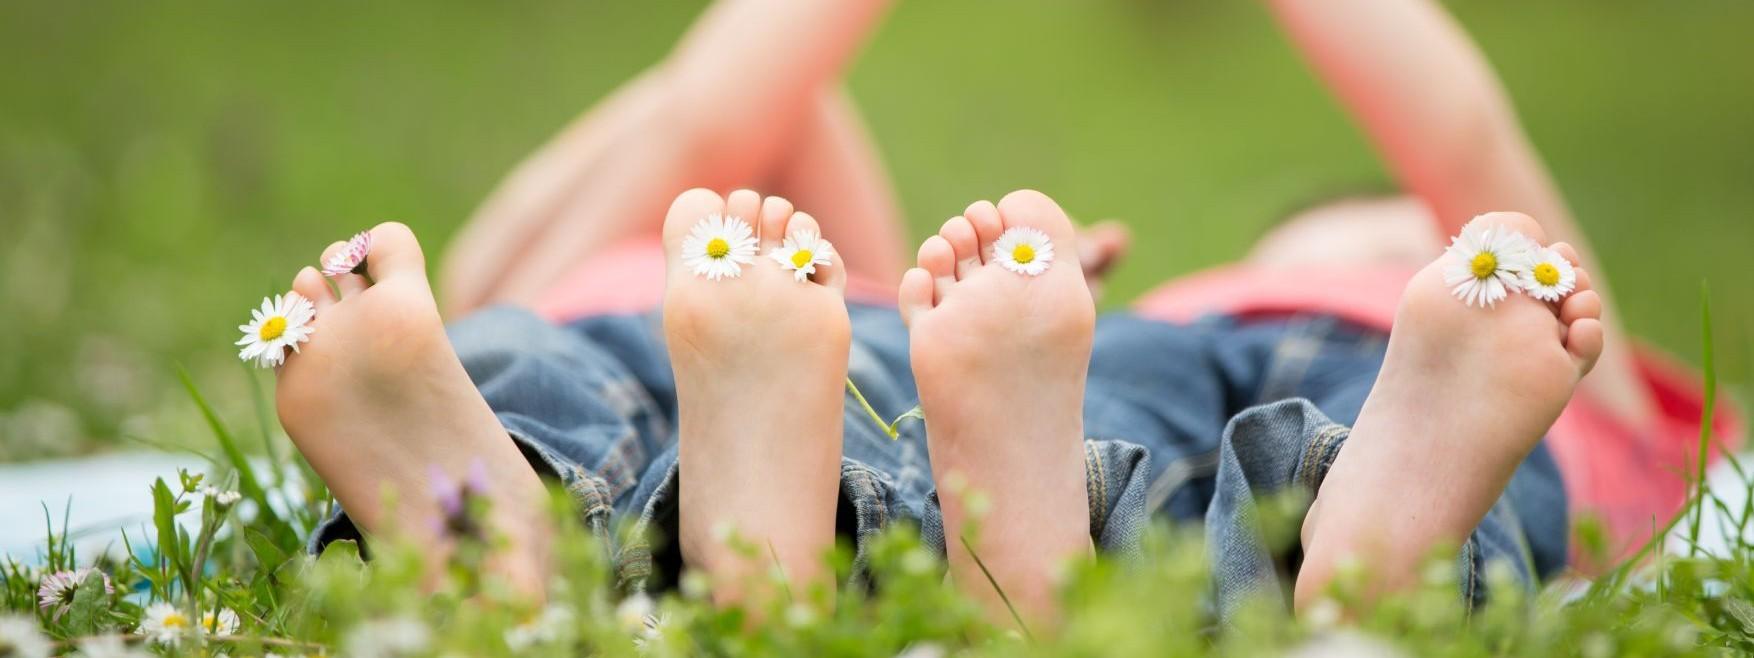 Zwei Kinder liegen auf einer Wiese. Sie sind barfuß, zwischen ihren Zehen stecken Gänseblümchen.